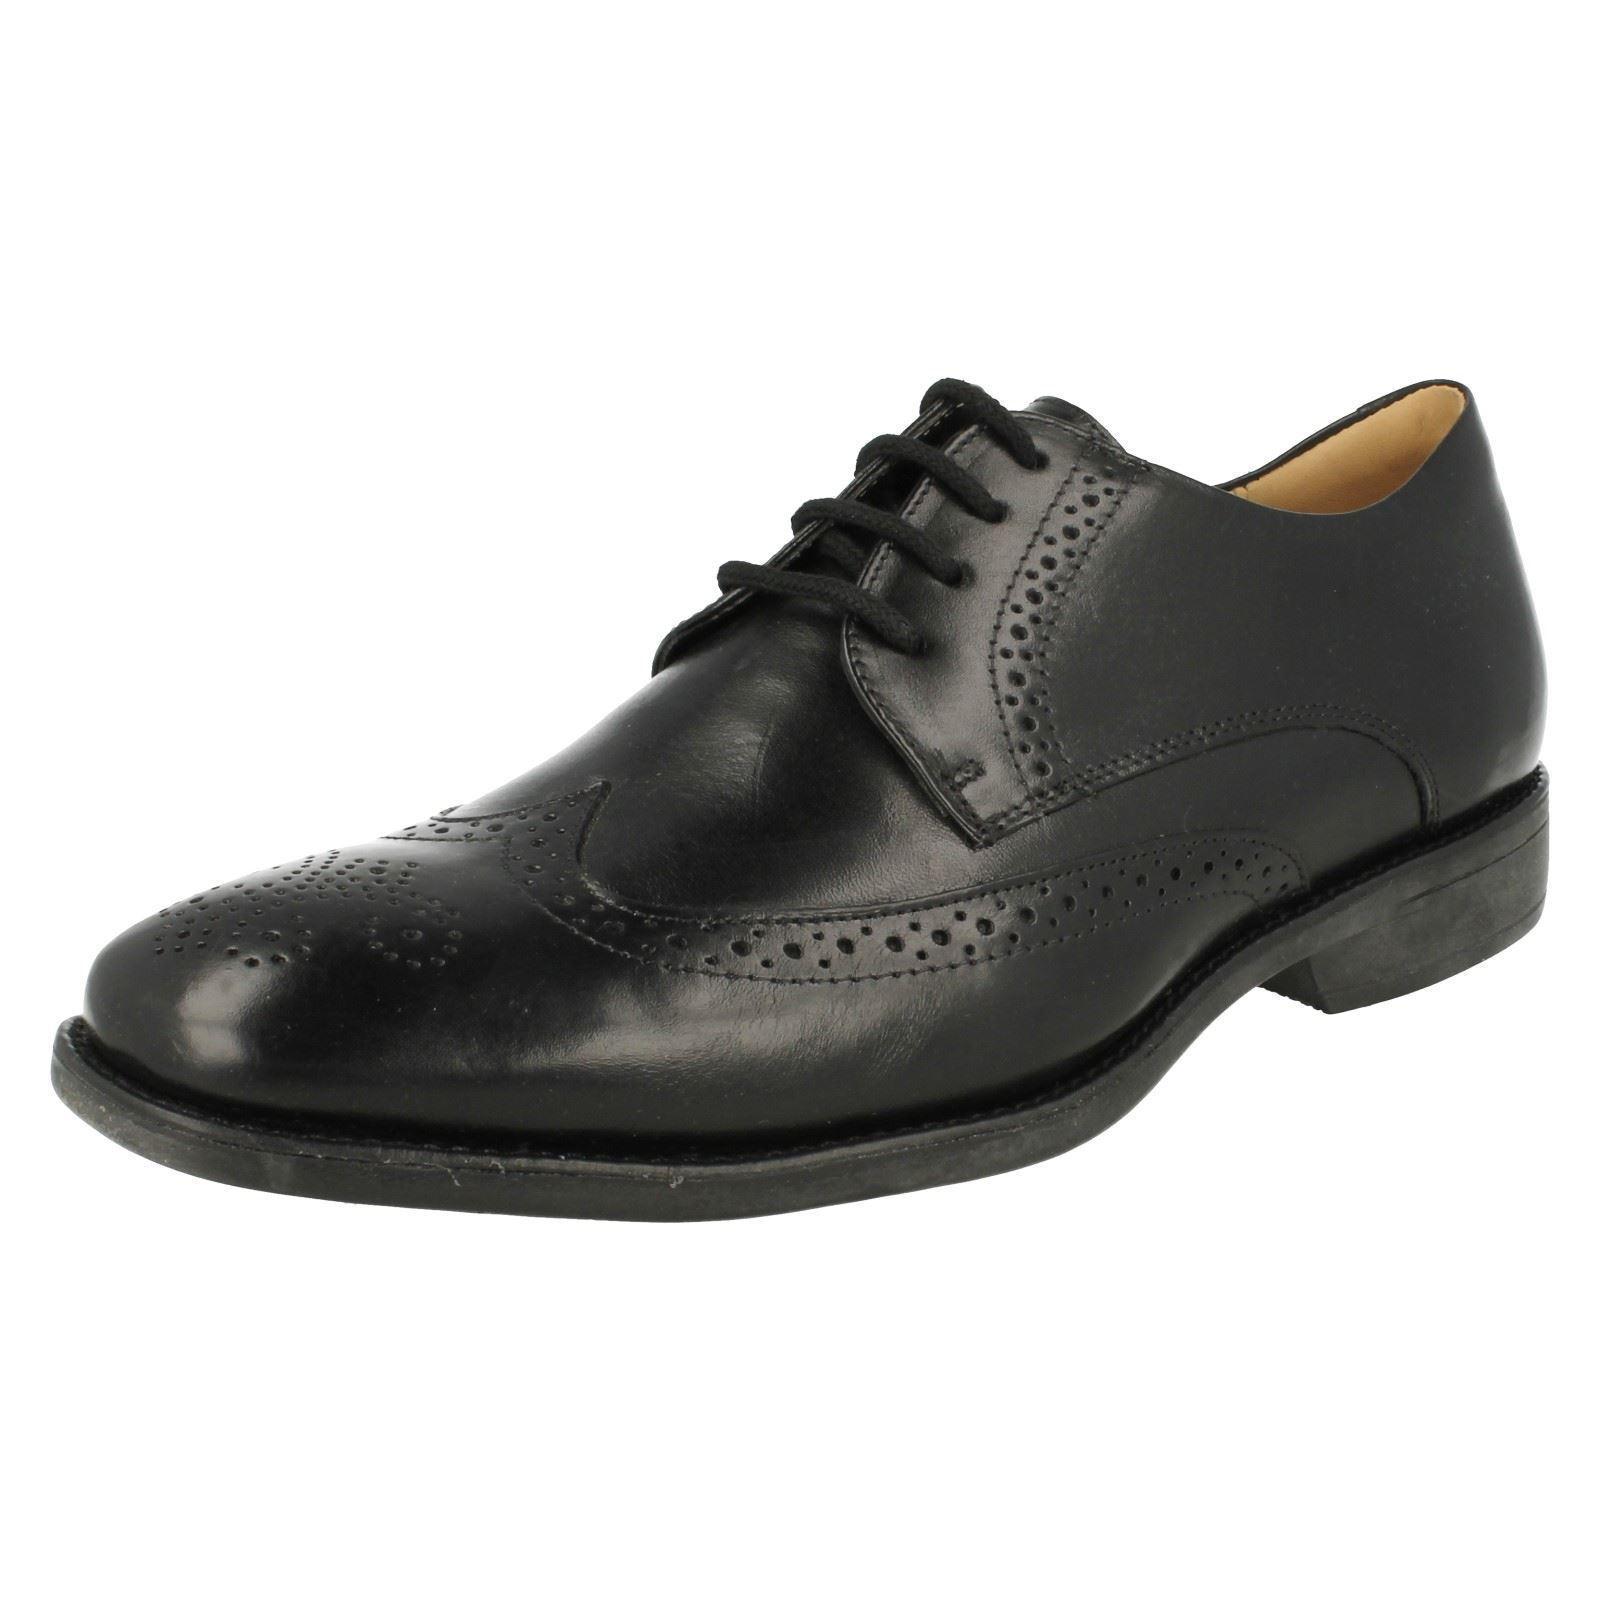 Billig gute Qualität Anatomic 'Mococa' Herren Schuhe